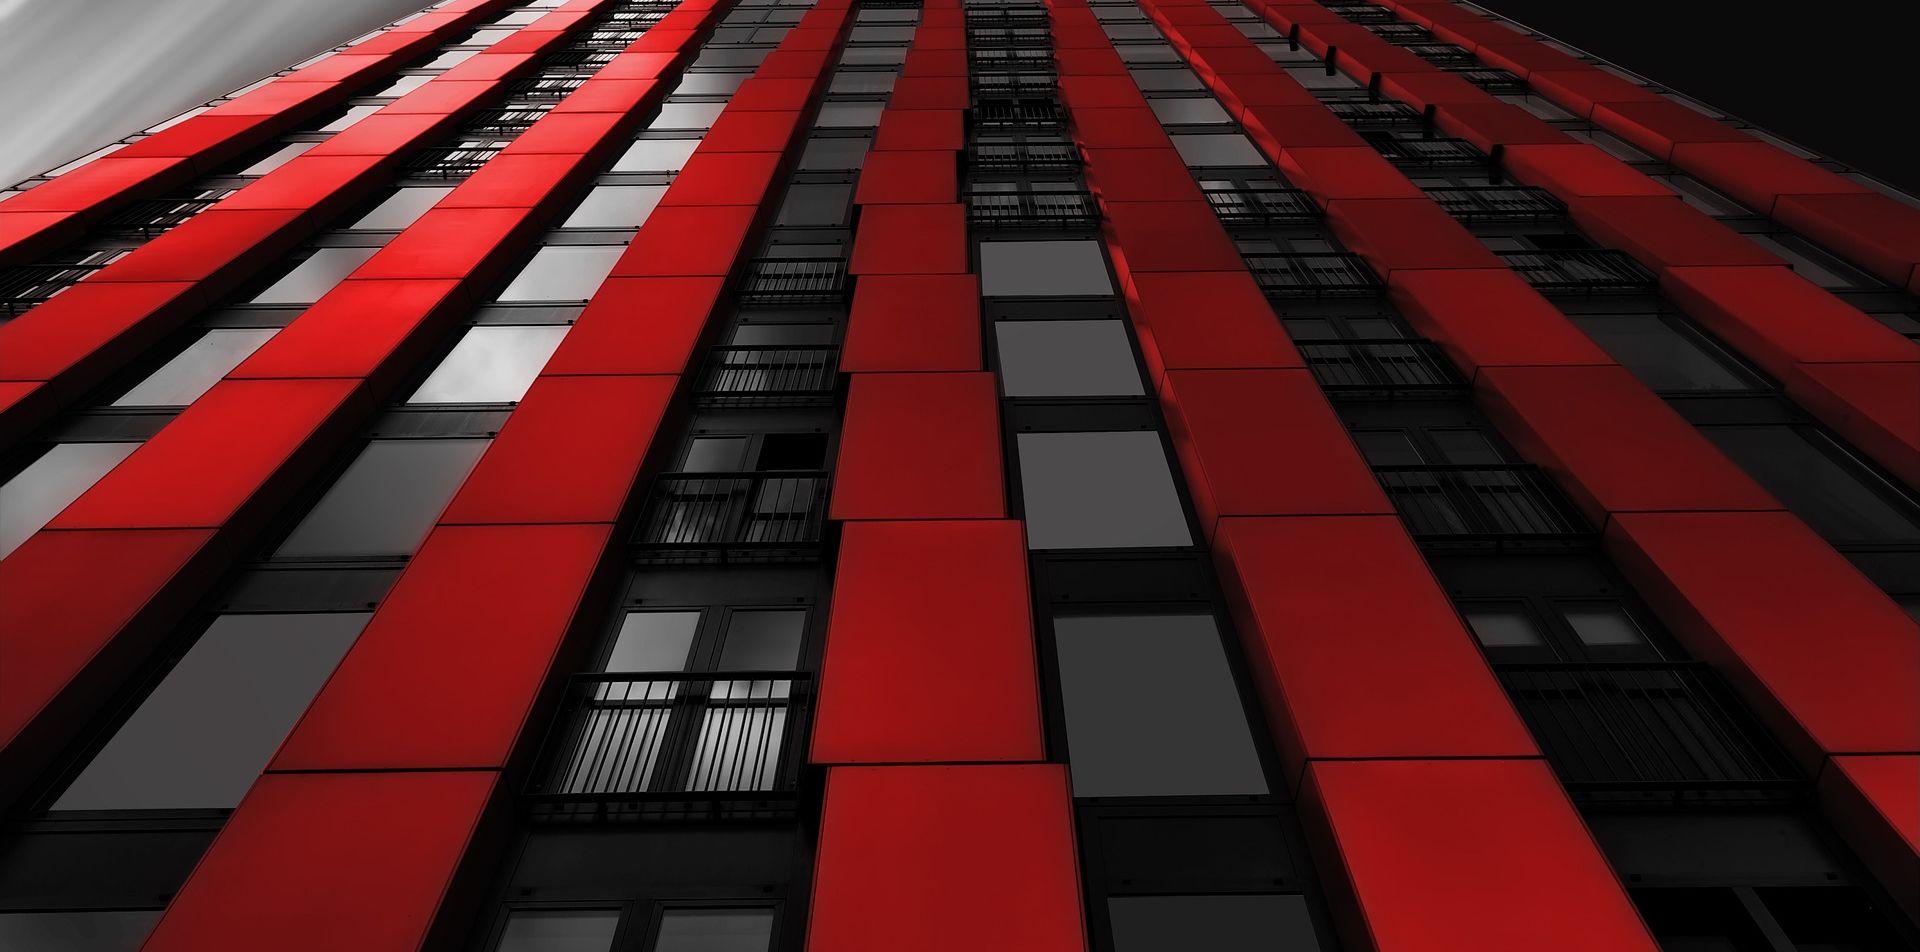 Općina Tisno pokreće postupak protiv Ministarstva financija zbog odgode uvođenja poreza na nekretnine